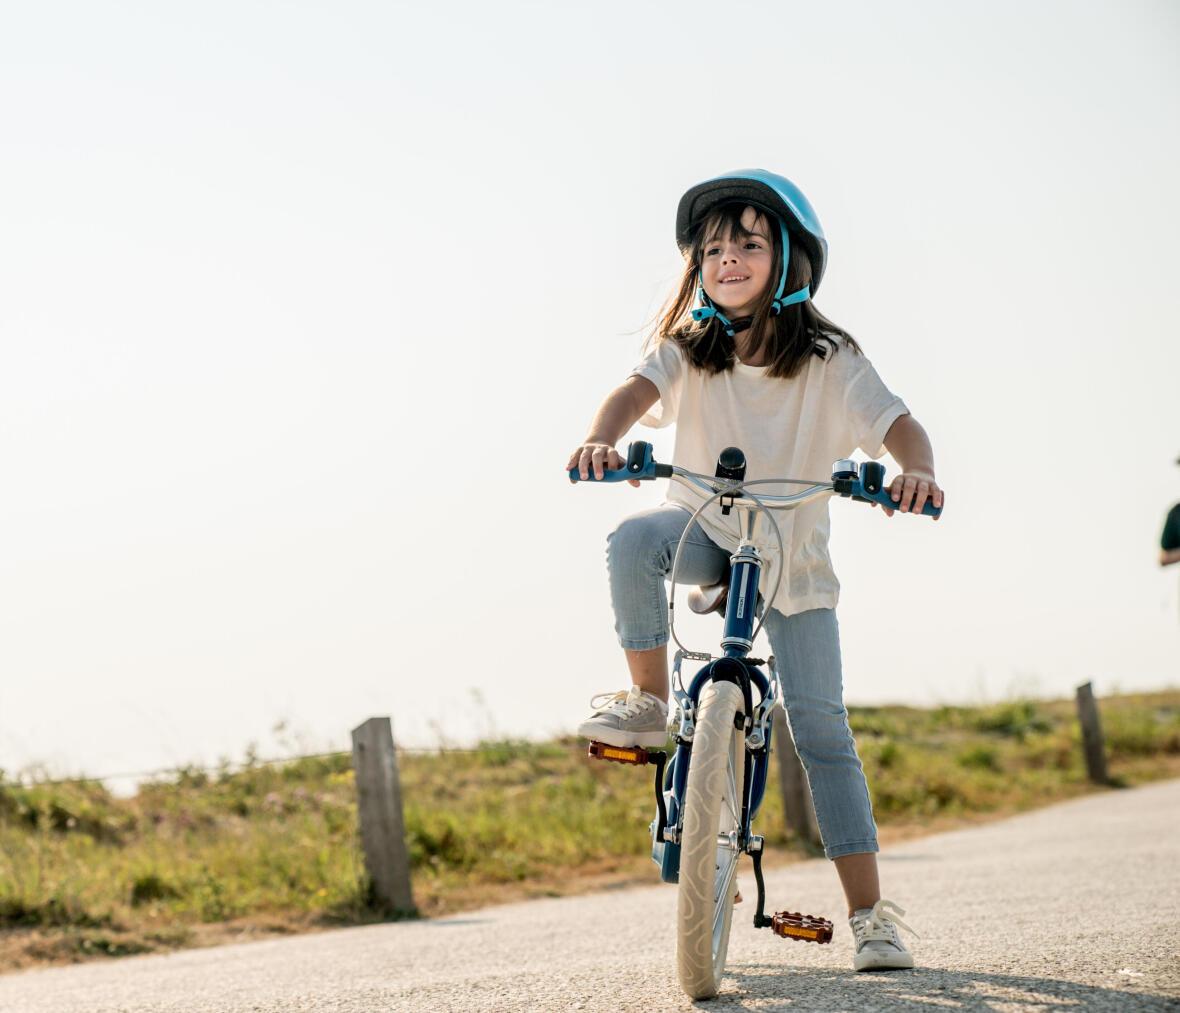 Apprendre à faire du vélo enfant - Conseils Sports DECATHLON